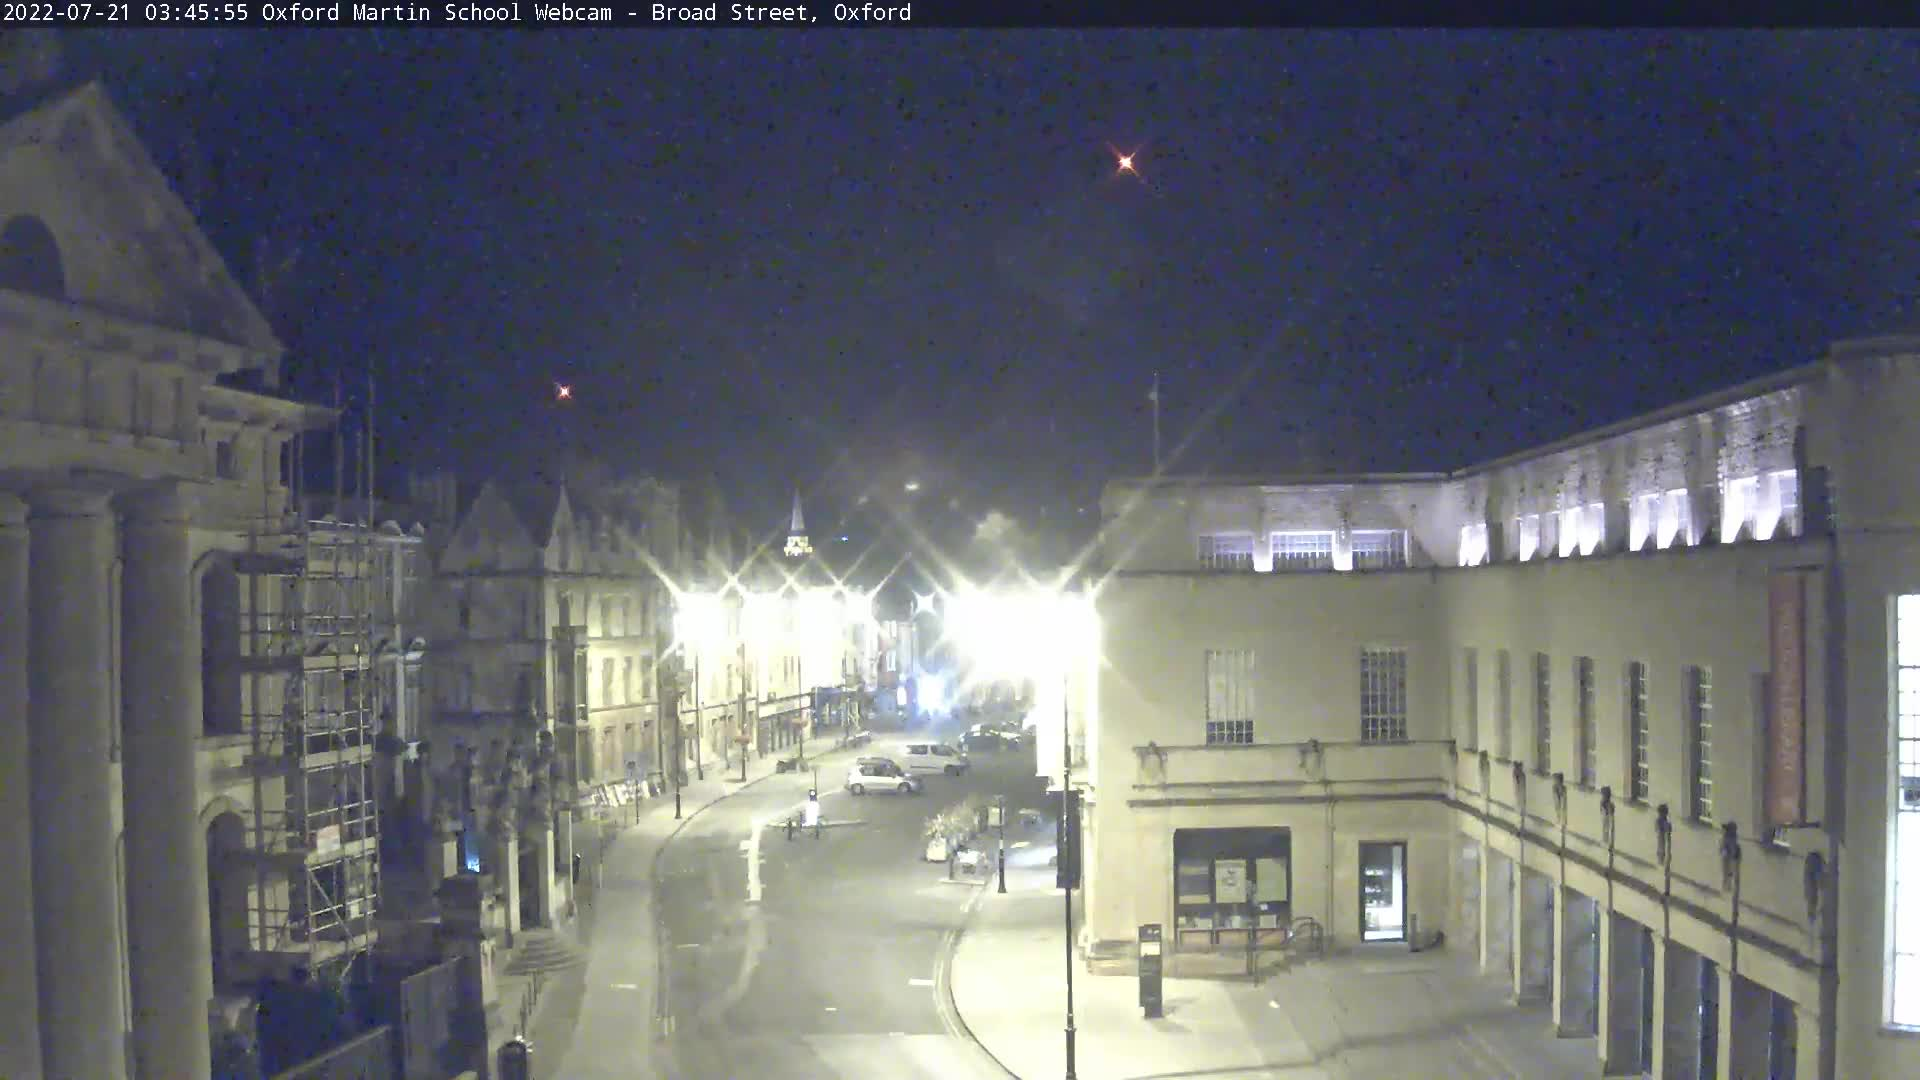 Oxford Sun. 03:46